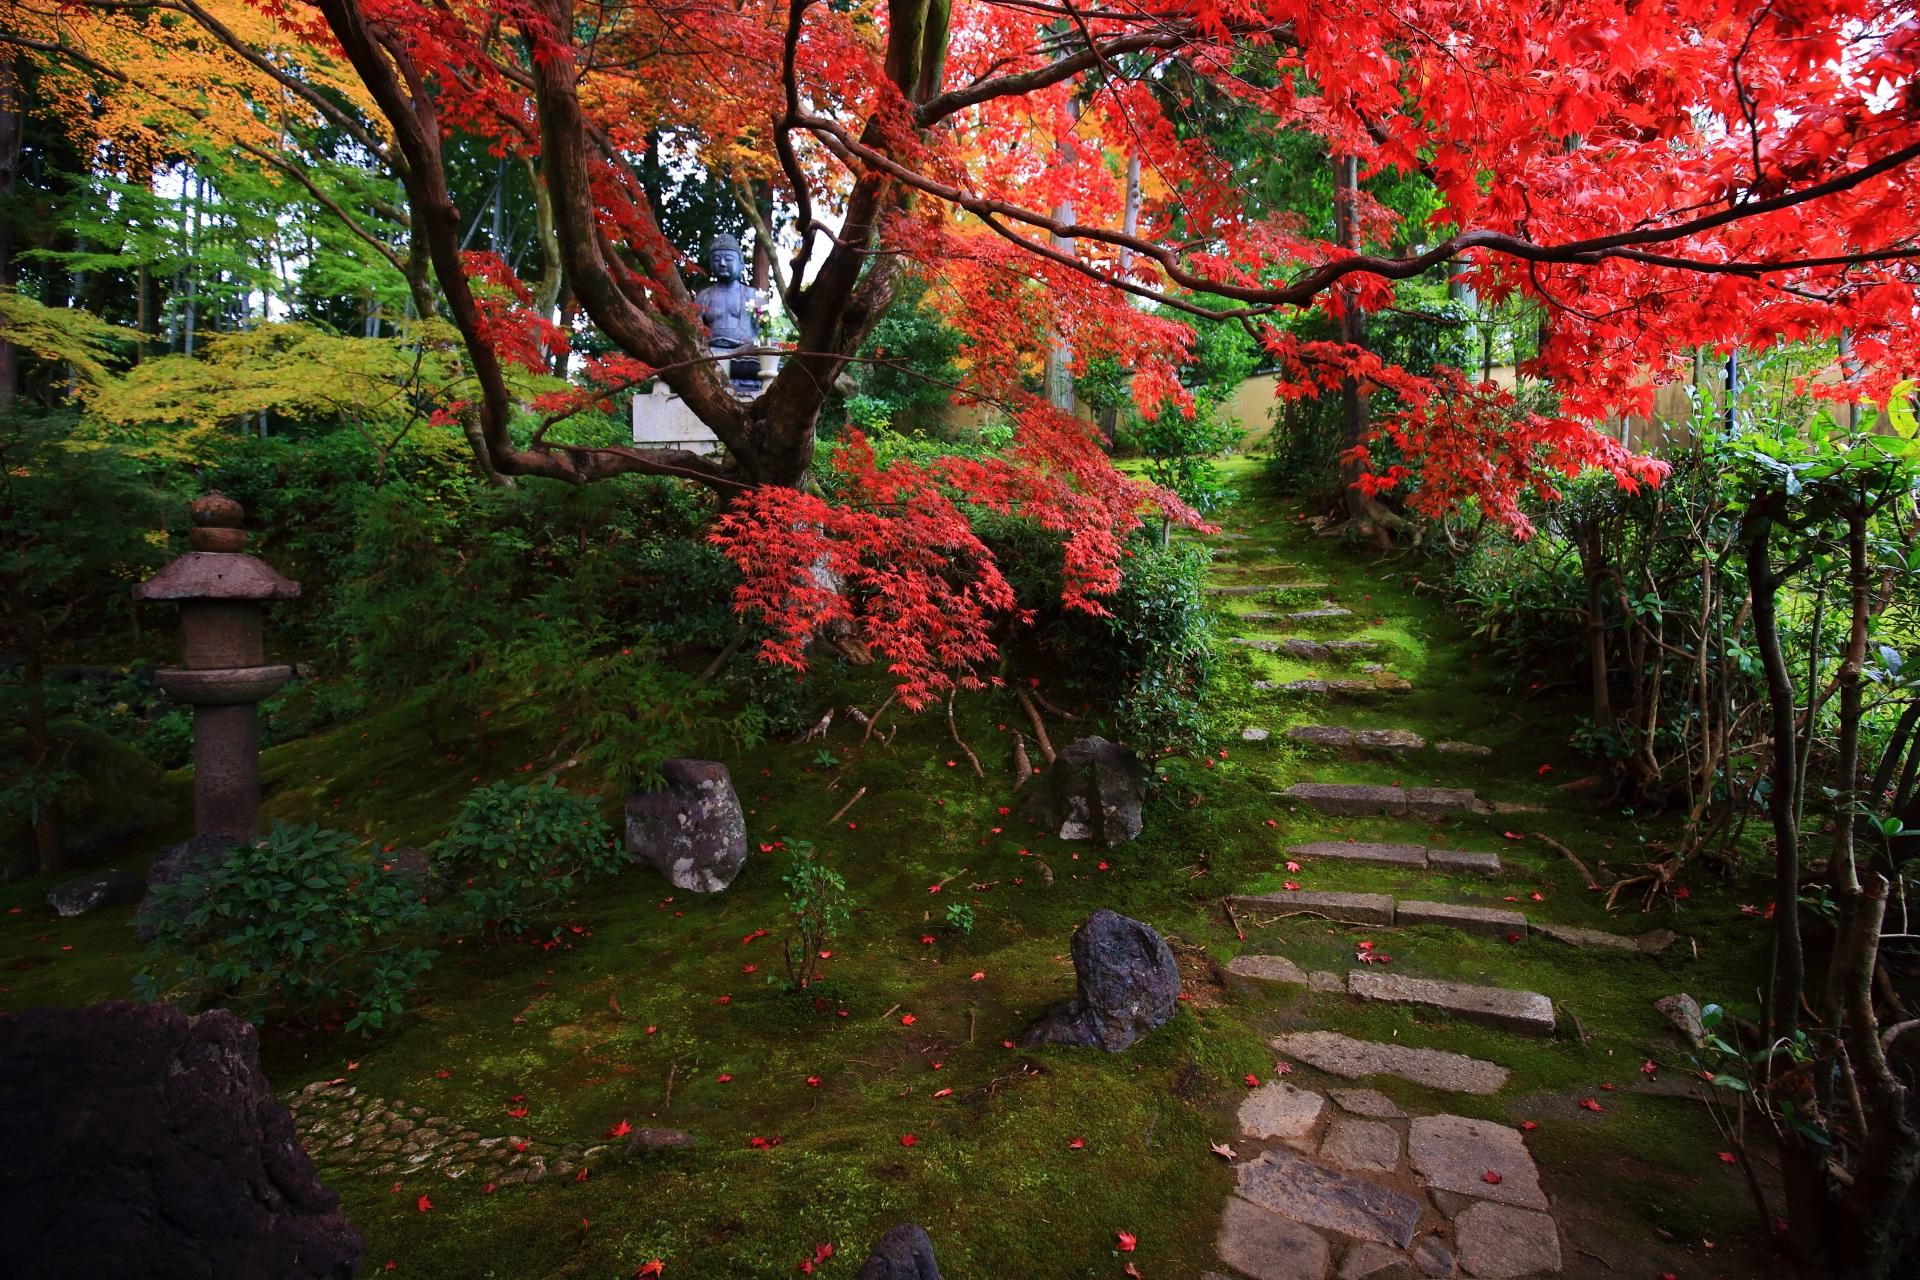 庭園の右の方の鮮やかな紅葉が彩る苔に覆われた緩い石段